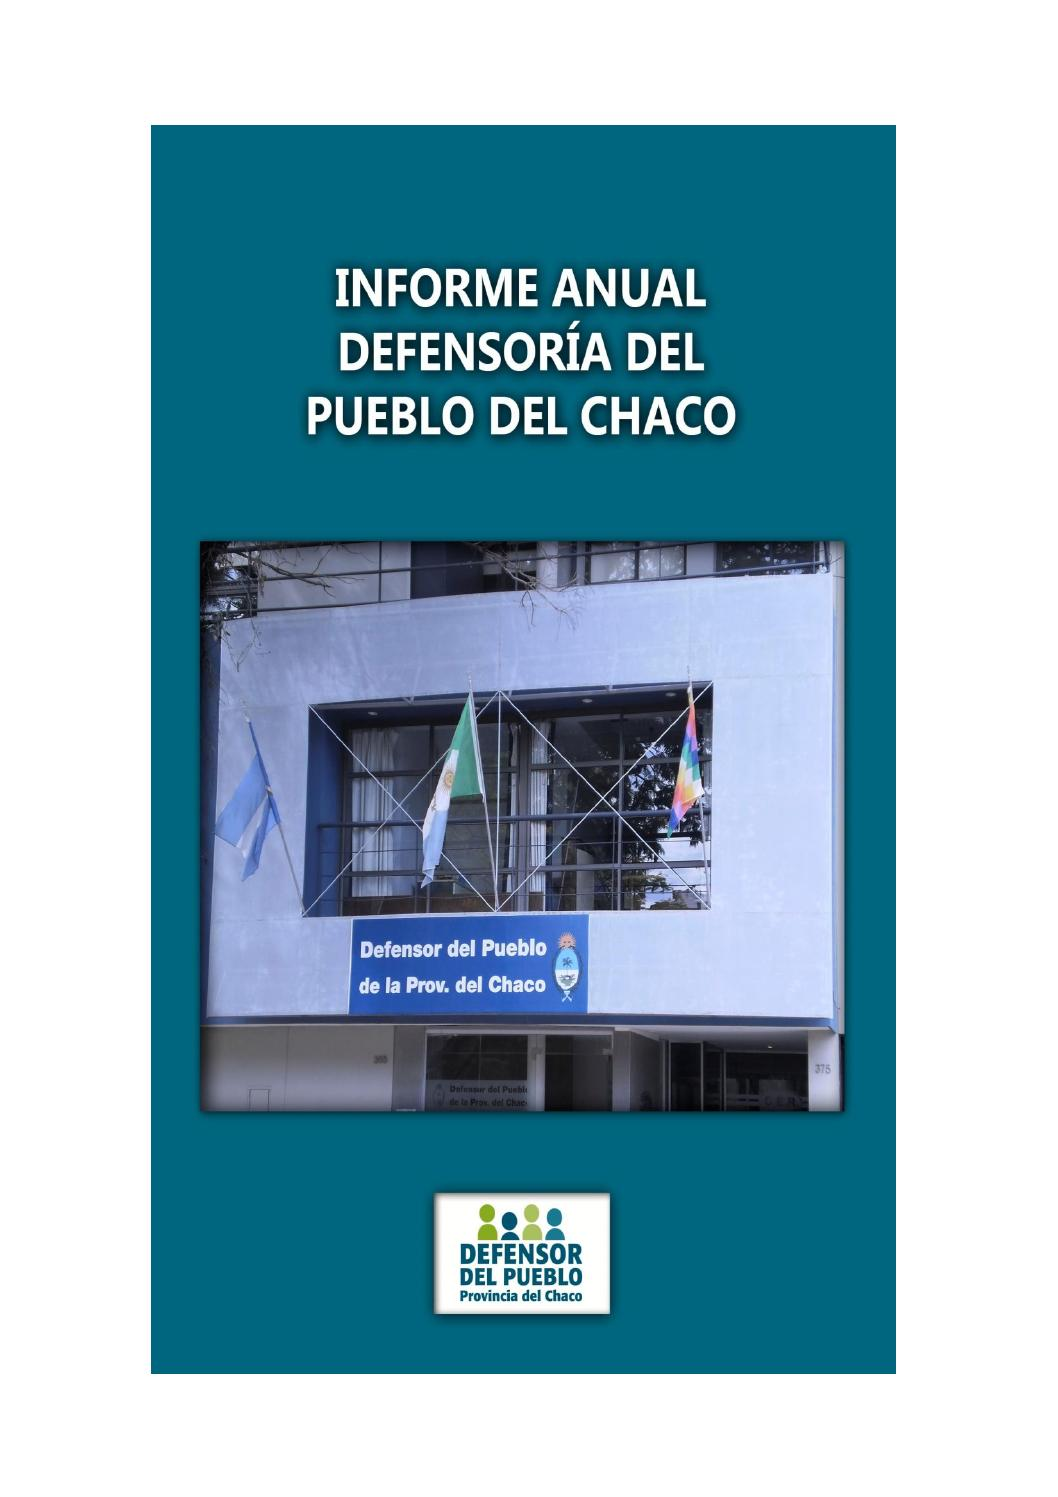 Informe anual defensor a del pueblo by defensor del pueblo for Oficina del defensor del pueblo